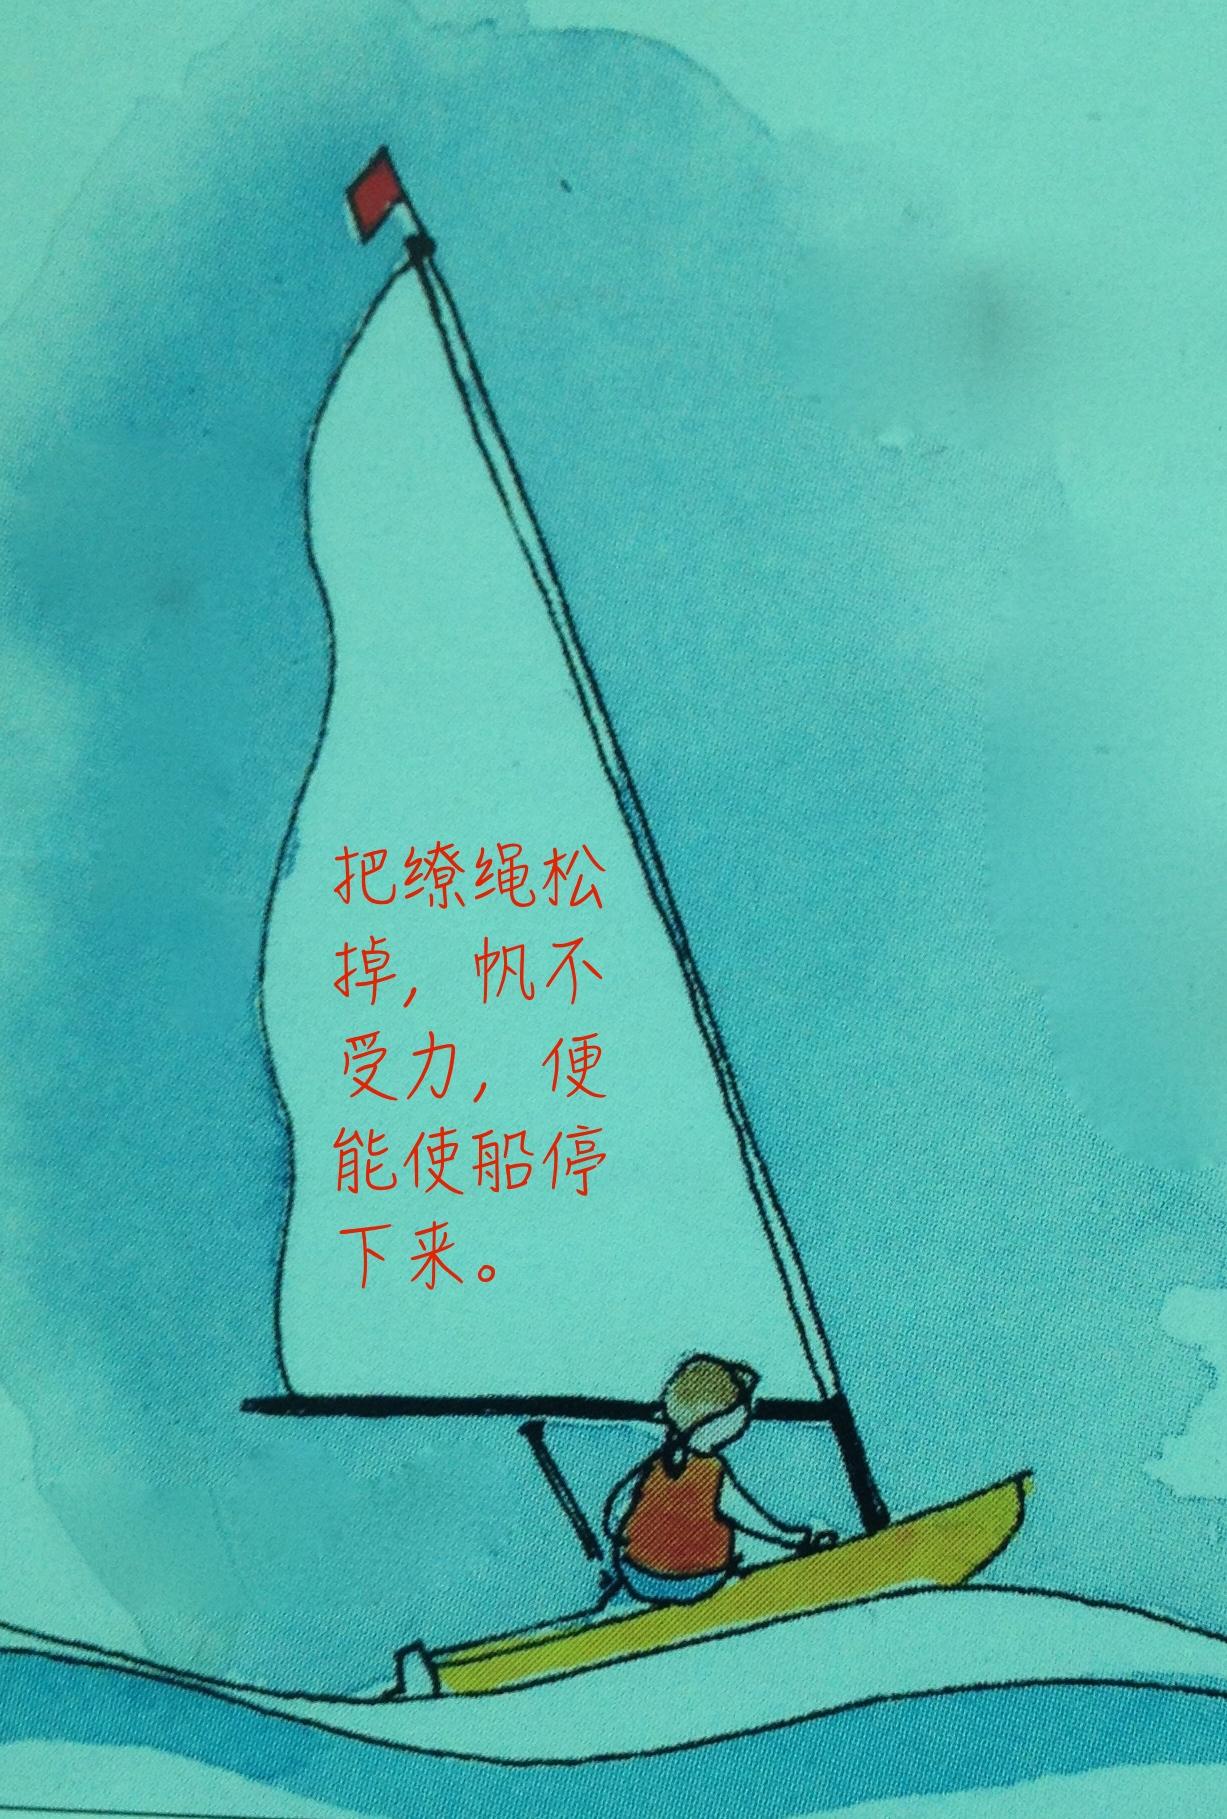 帆船没有刹车控制,所以就需要通过技巧来使船只根据我们想要的状态减速或停止。 13a飘帆停船.jpg